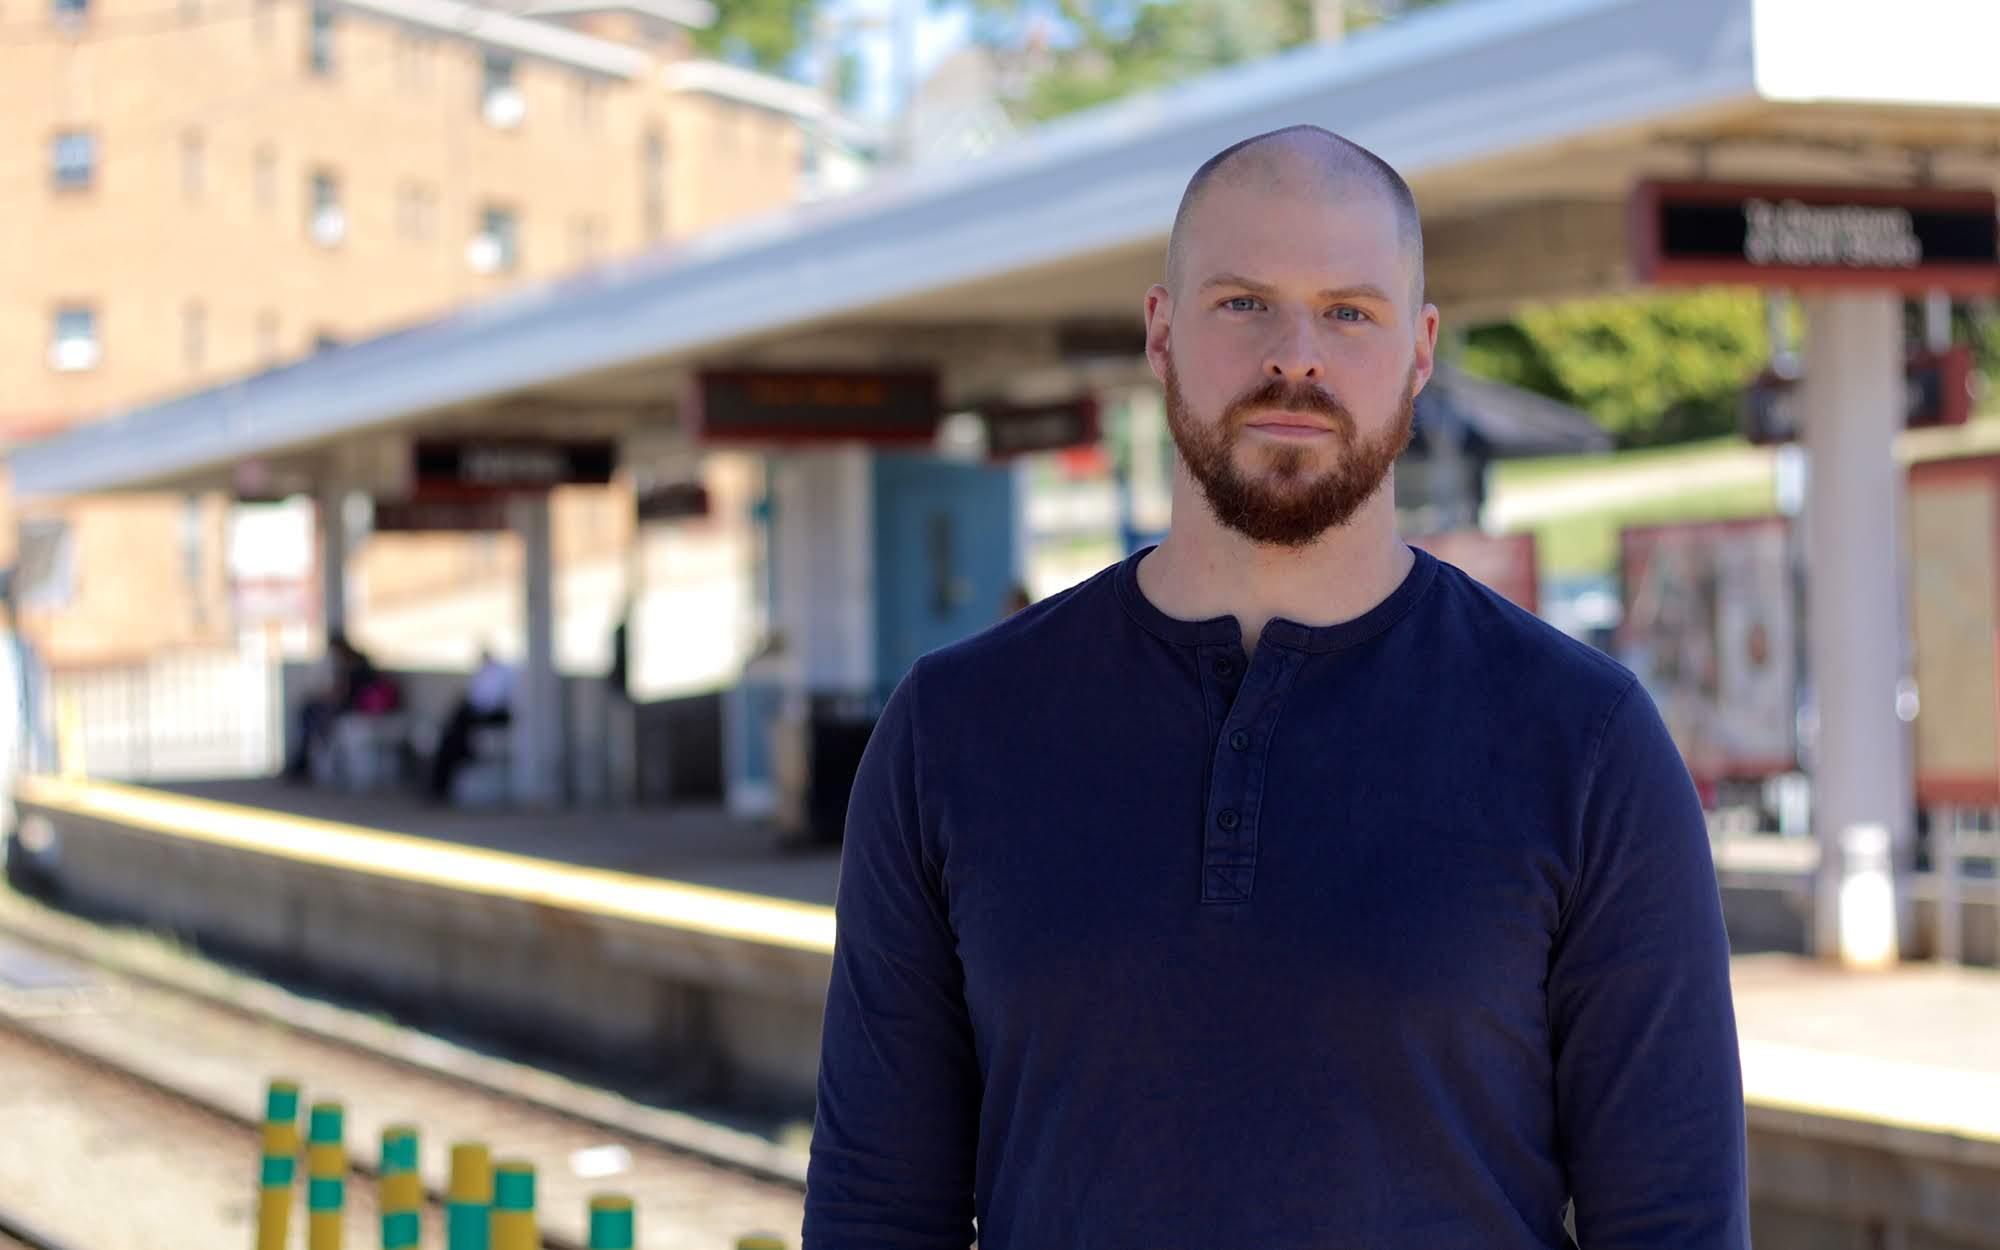 Seth Davis, Dormont resident and former planning commission member, stands at Dormont Junction